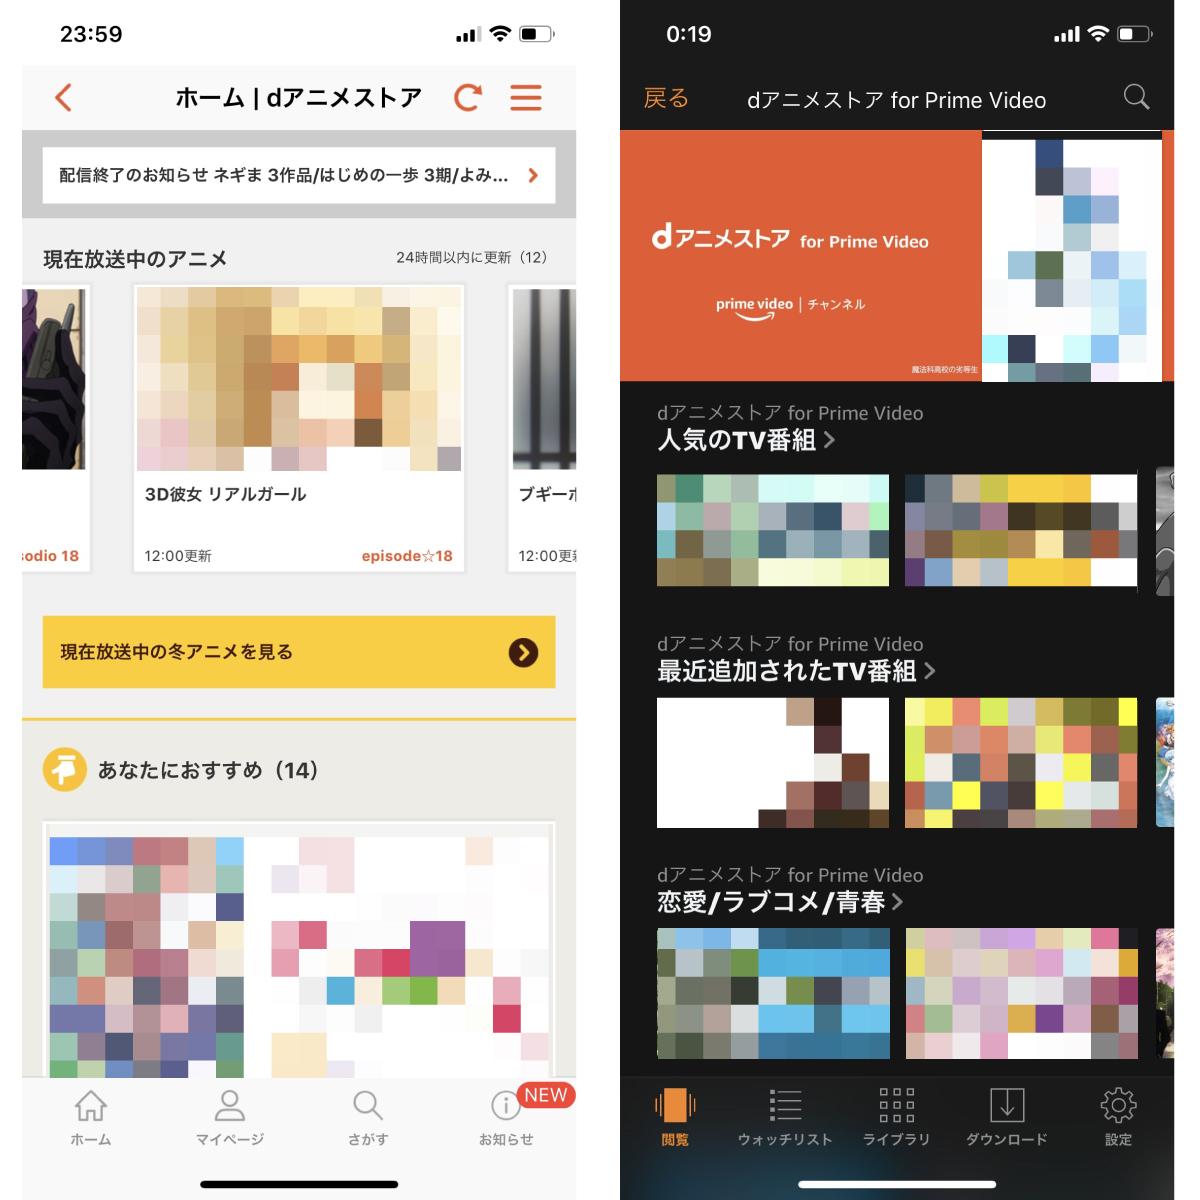 両アプリのトップ画面比較。